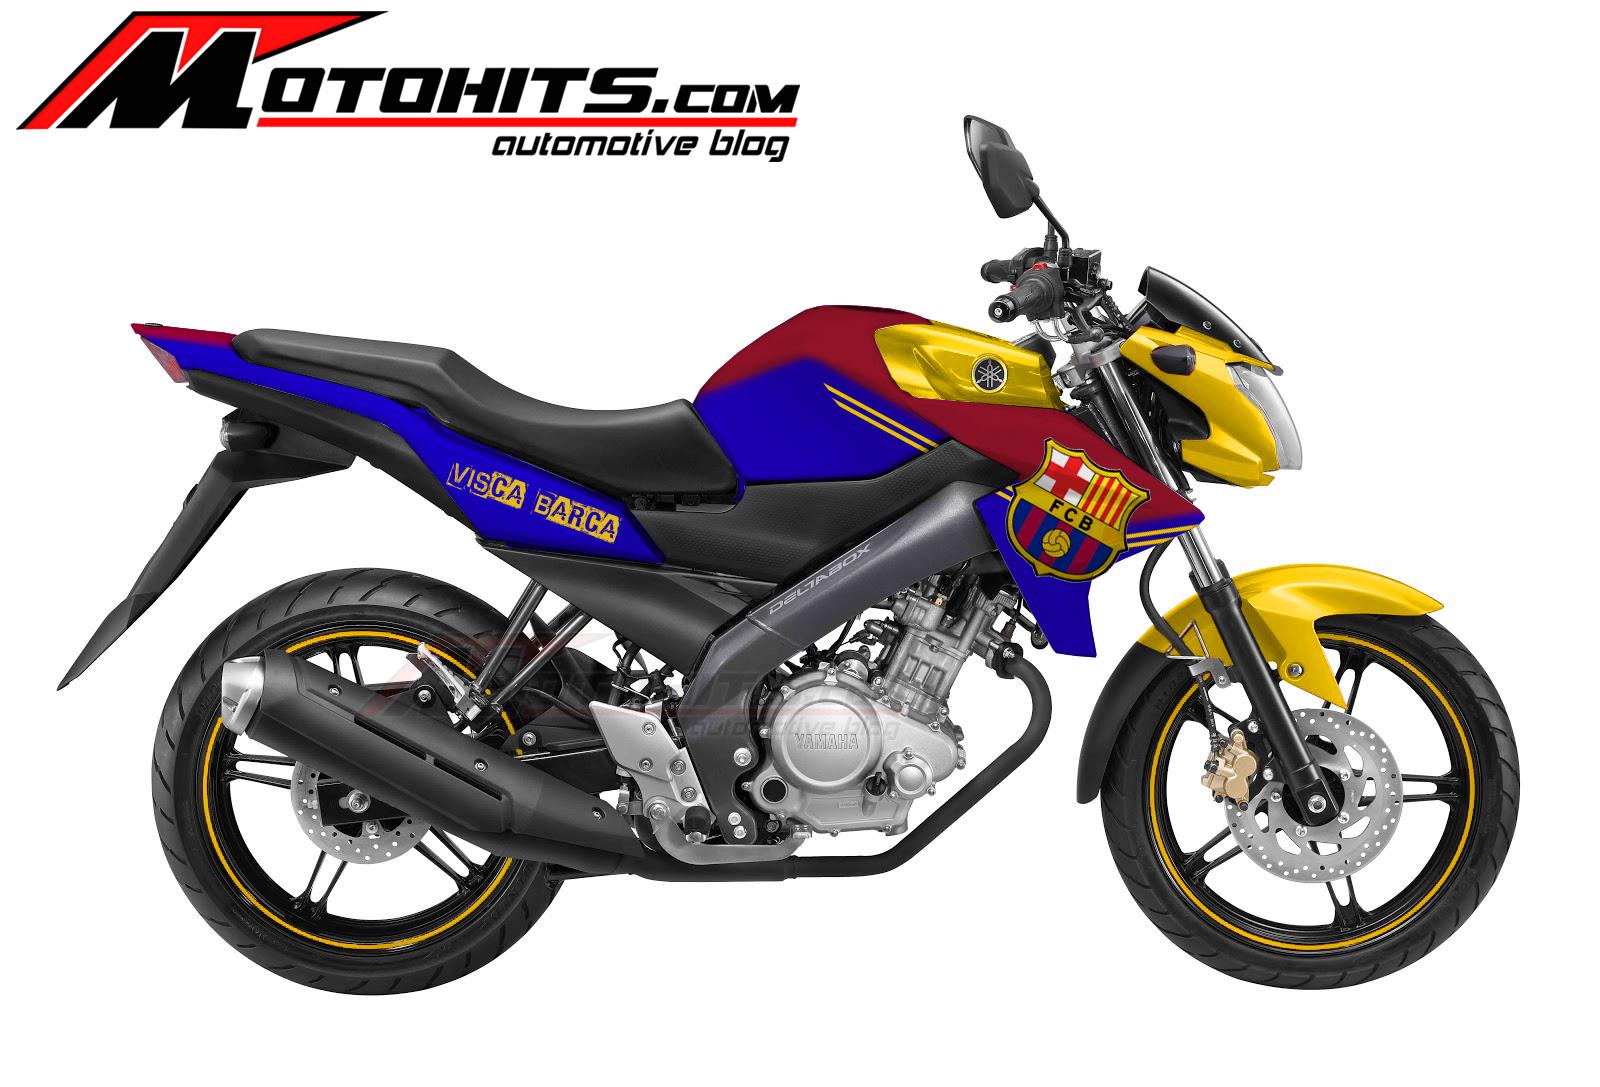 Yamaha New Vixion Motohitscom